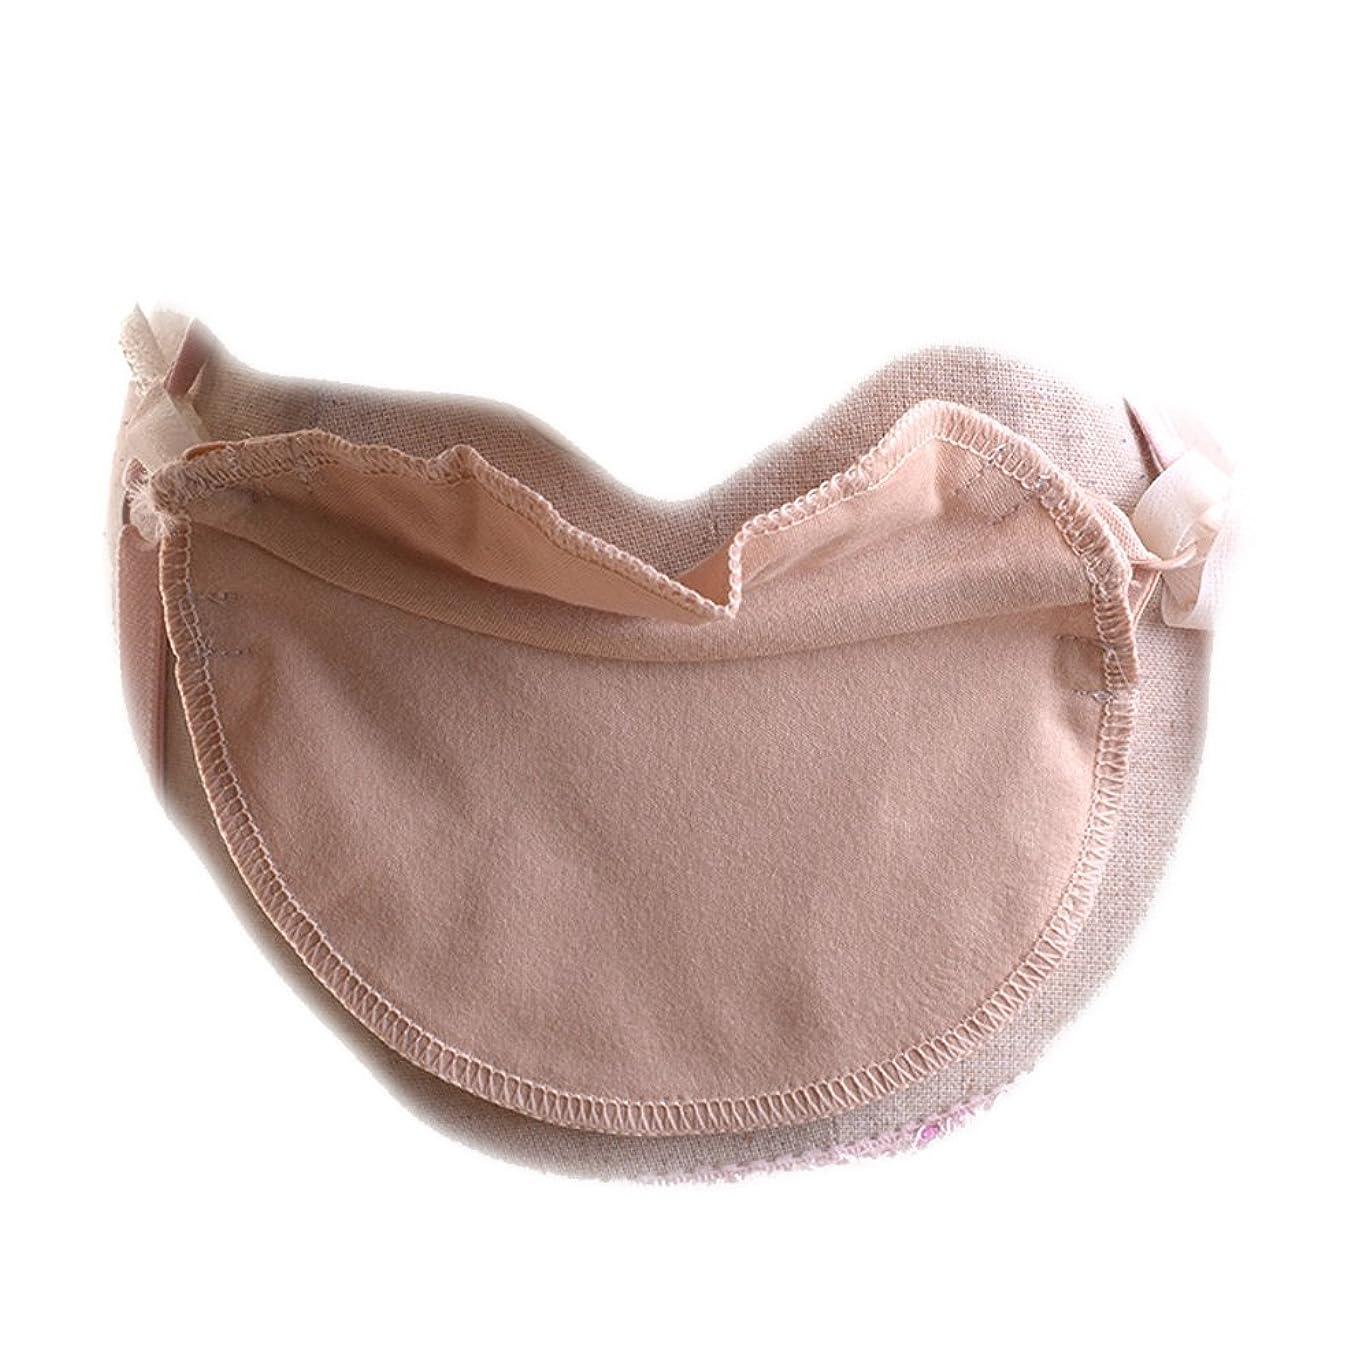 ブレイズ額租界ワンタッチ脇汗パット 日本製ワキ汗パッド 汗じみ防止 汗取り吸収 ブラに取り付けタイプ